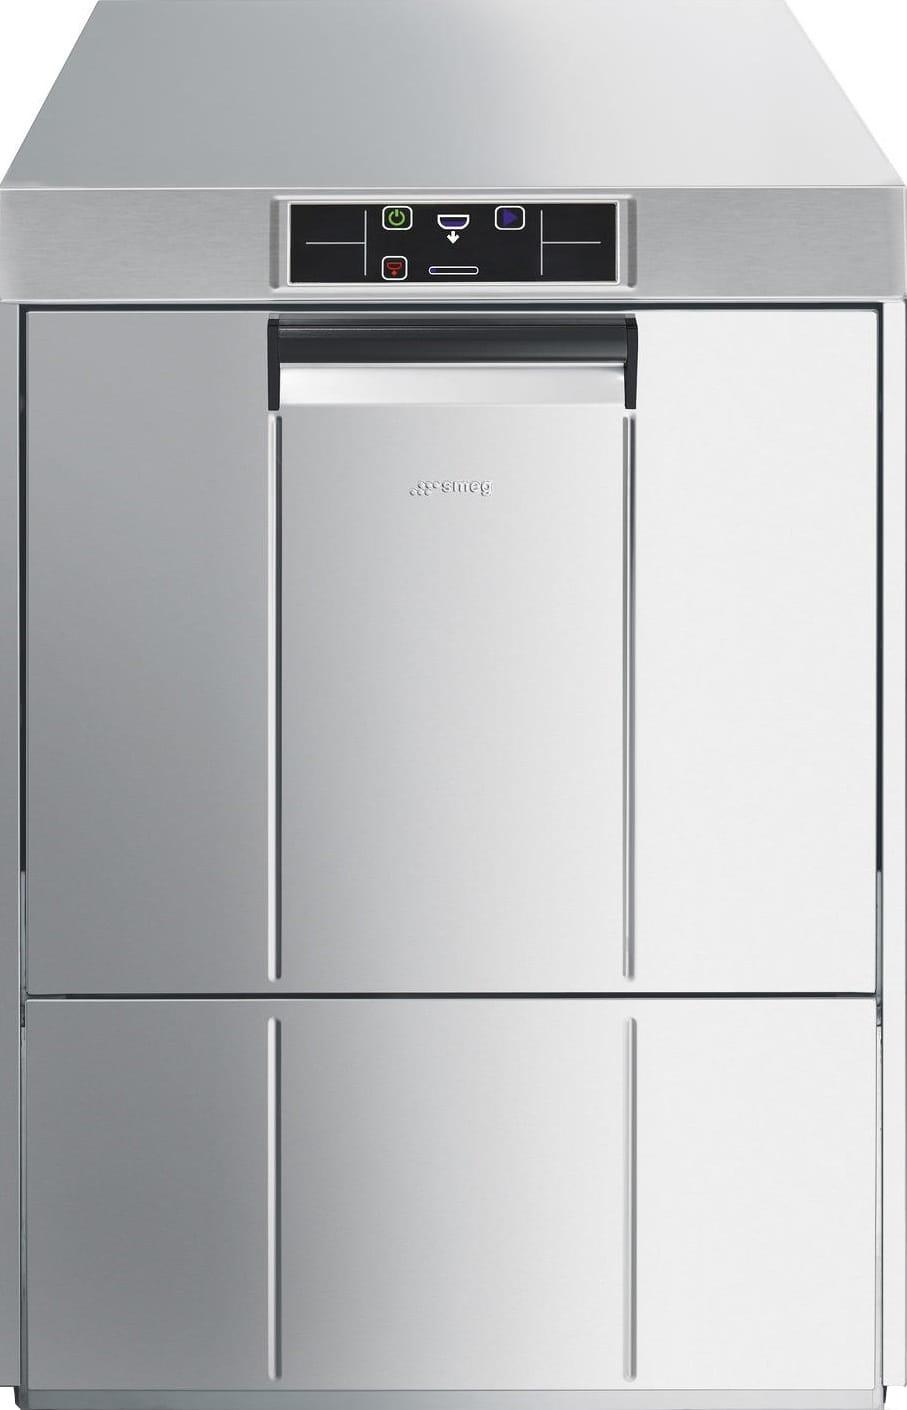 Посудомоечная машина с фронтальной загрузкой SMEG UD530DES - 3